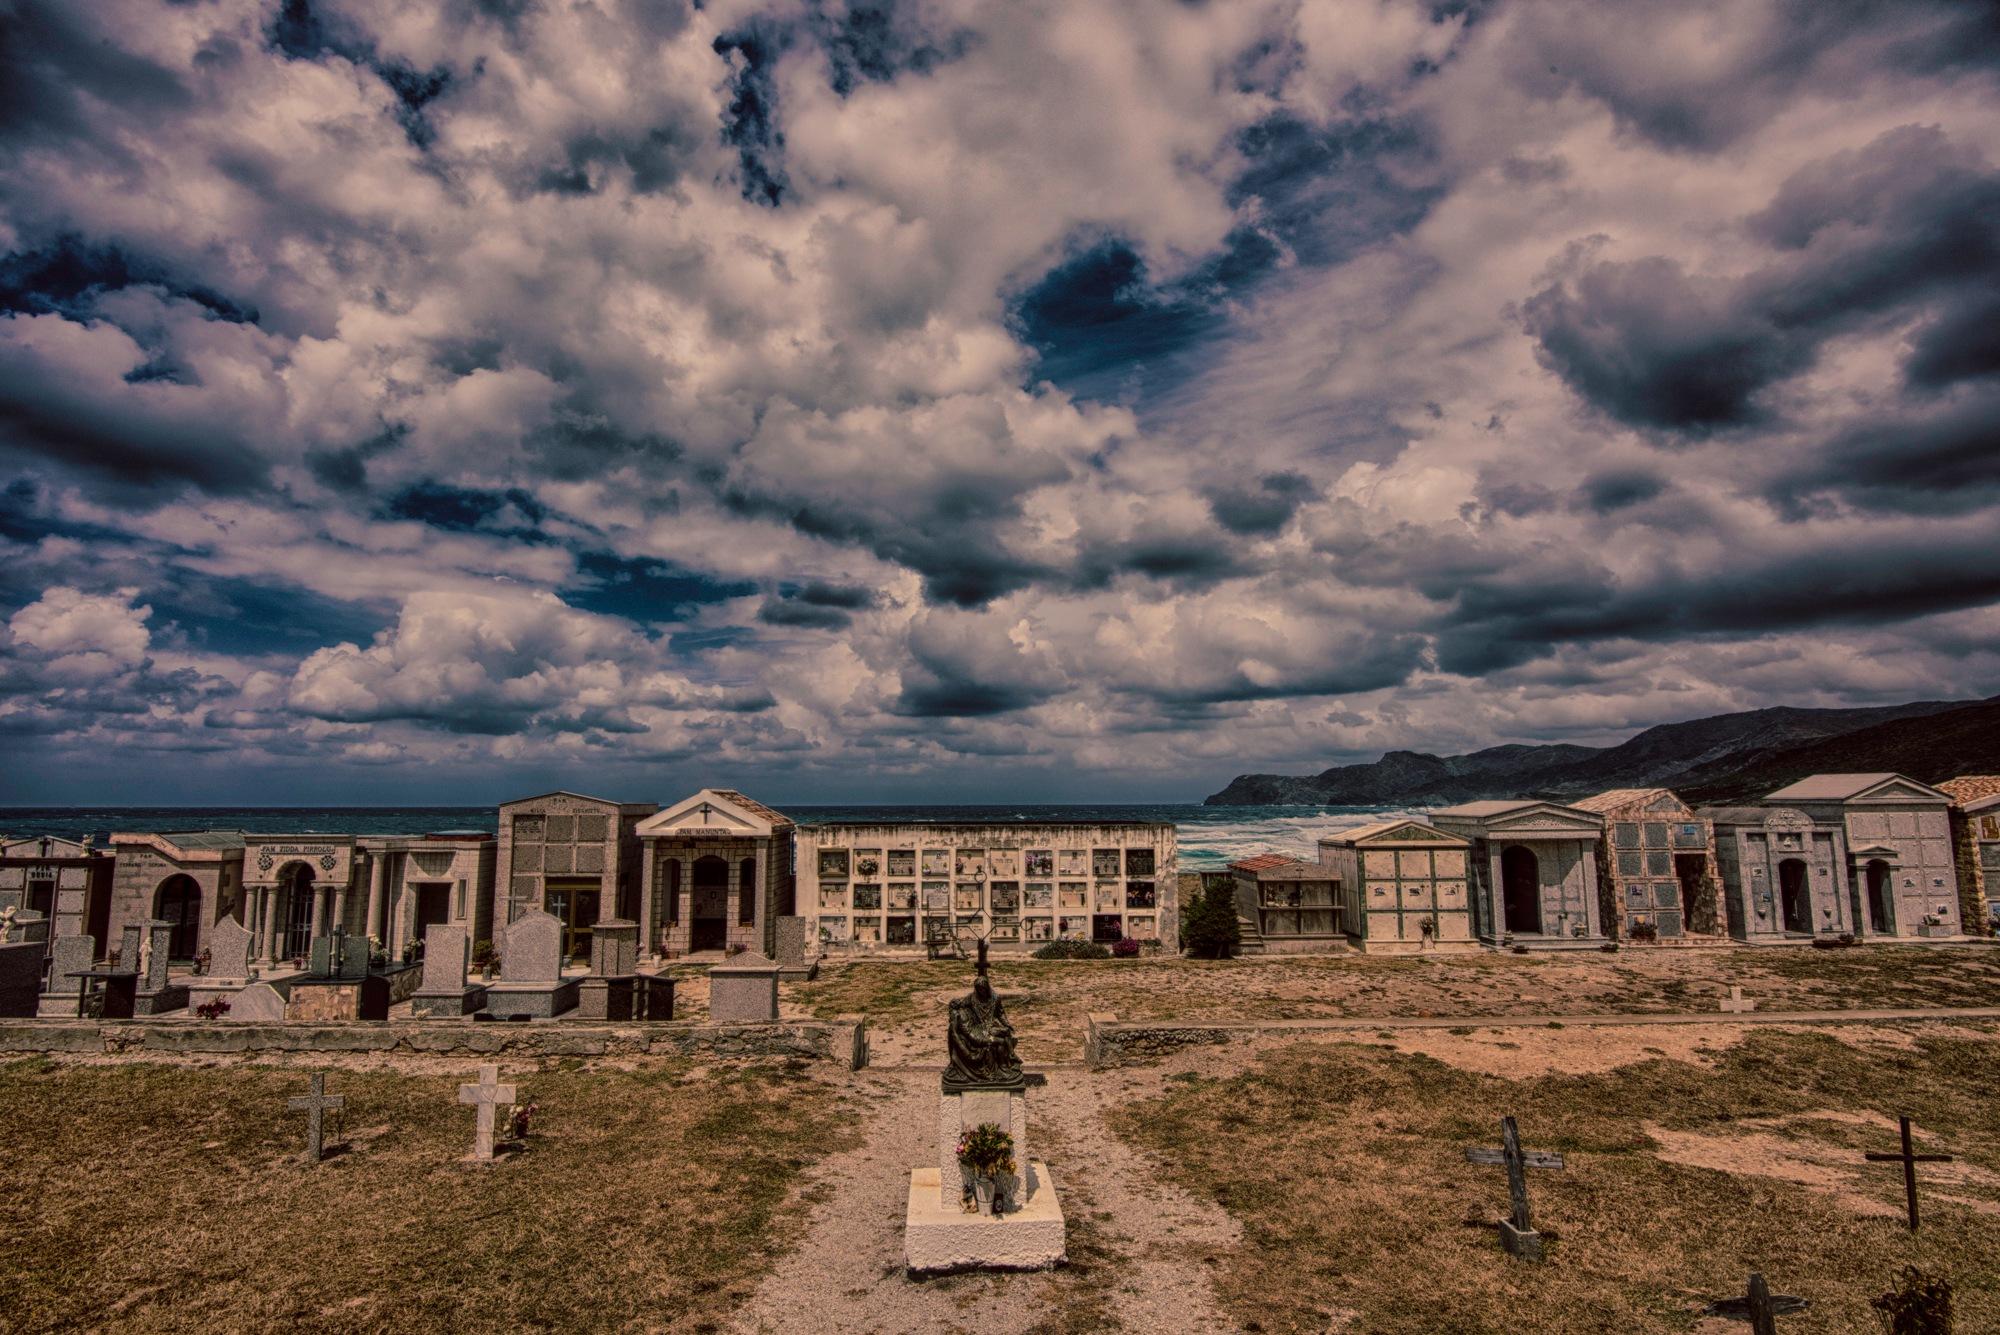 cimitero by Giovanni Cocco